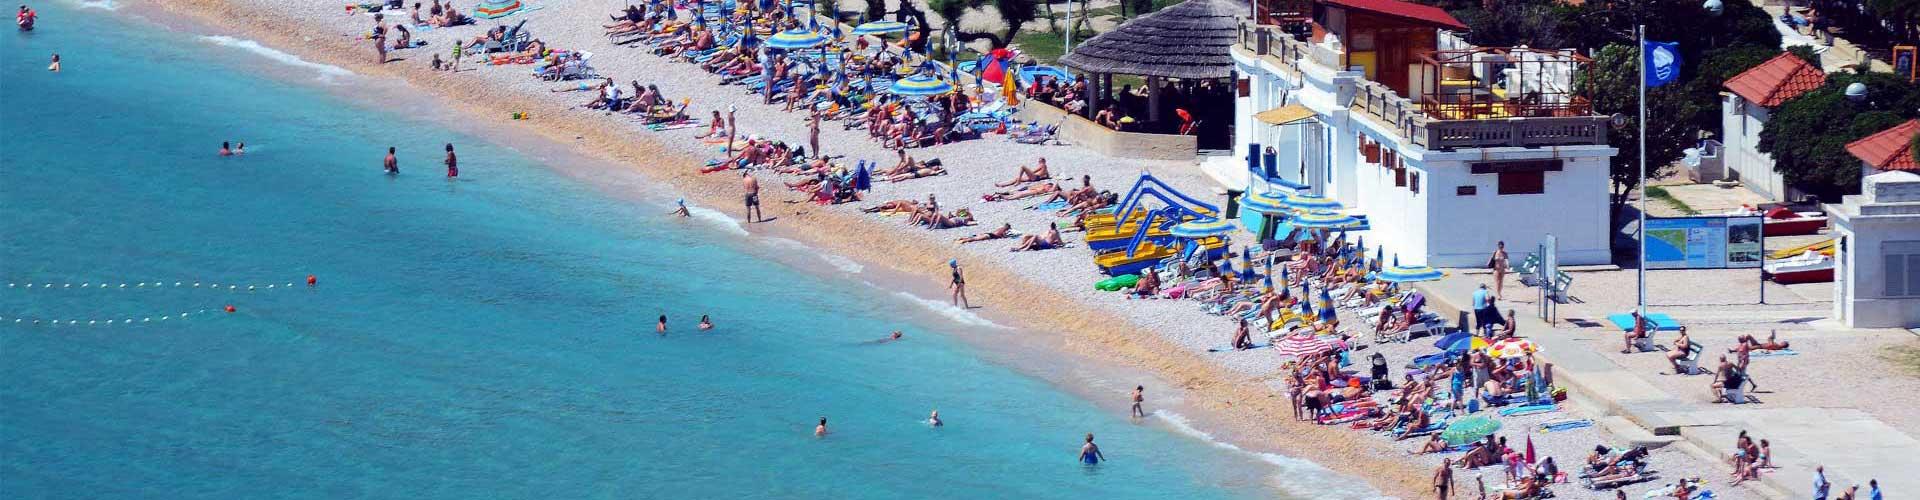 Písečná pláž přímo v centru